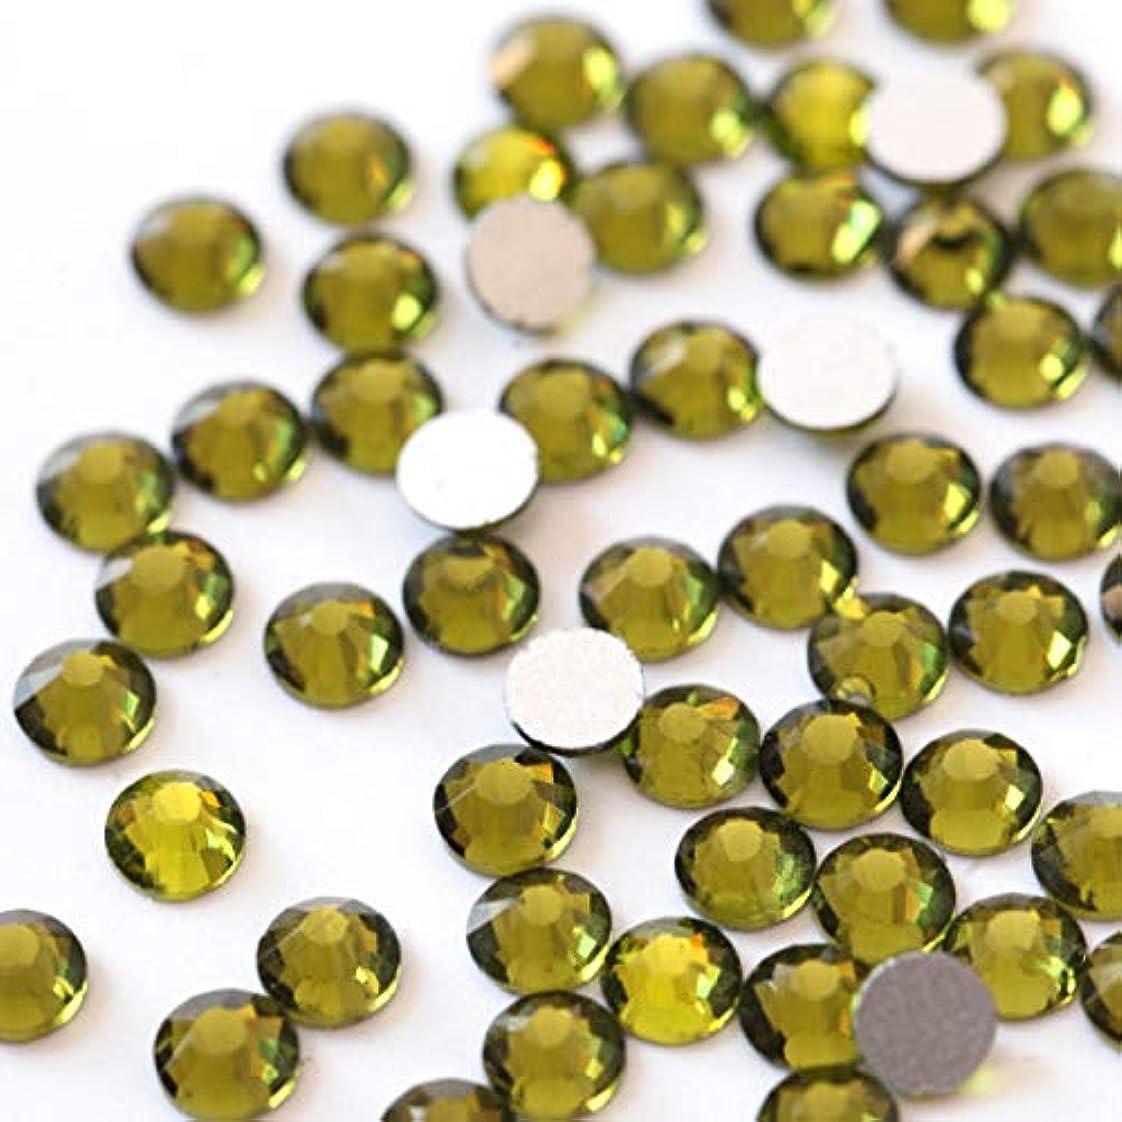 セグメント適用する口述する【ラインストーン77】高品質ガラス製ラインストーン オリーブ(6.3mm (SS30) 約45粒)